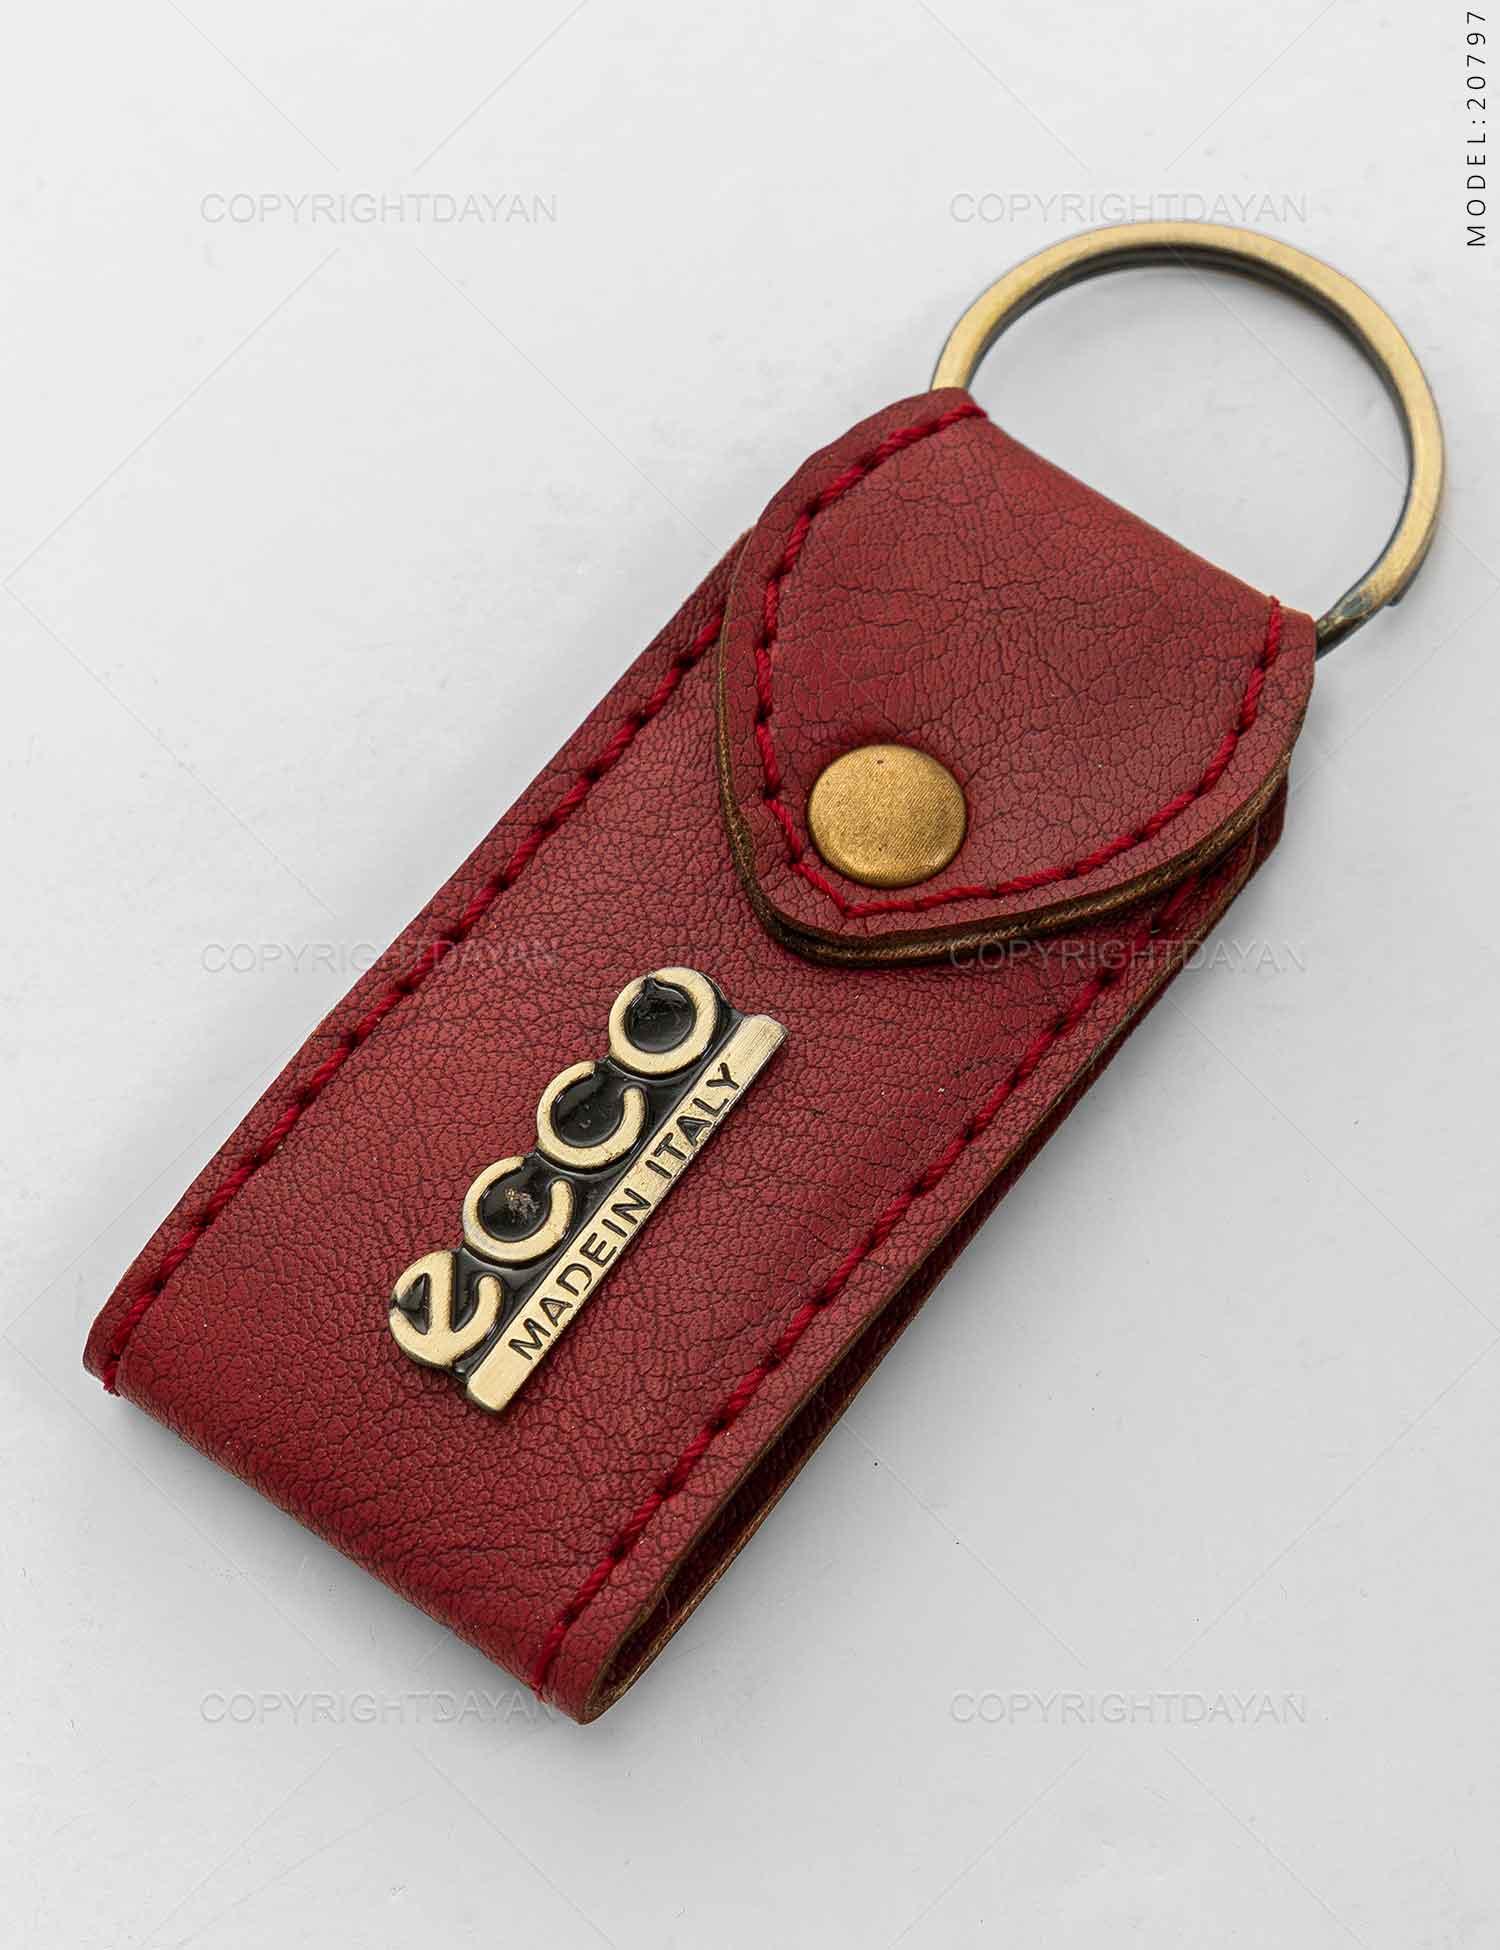 ست چرمی Ecco مدل 20797 ست چرمی Ecco مدل 20797 129,000 تومان